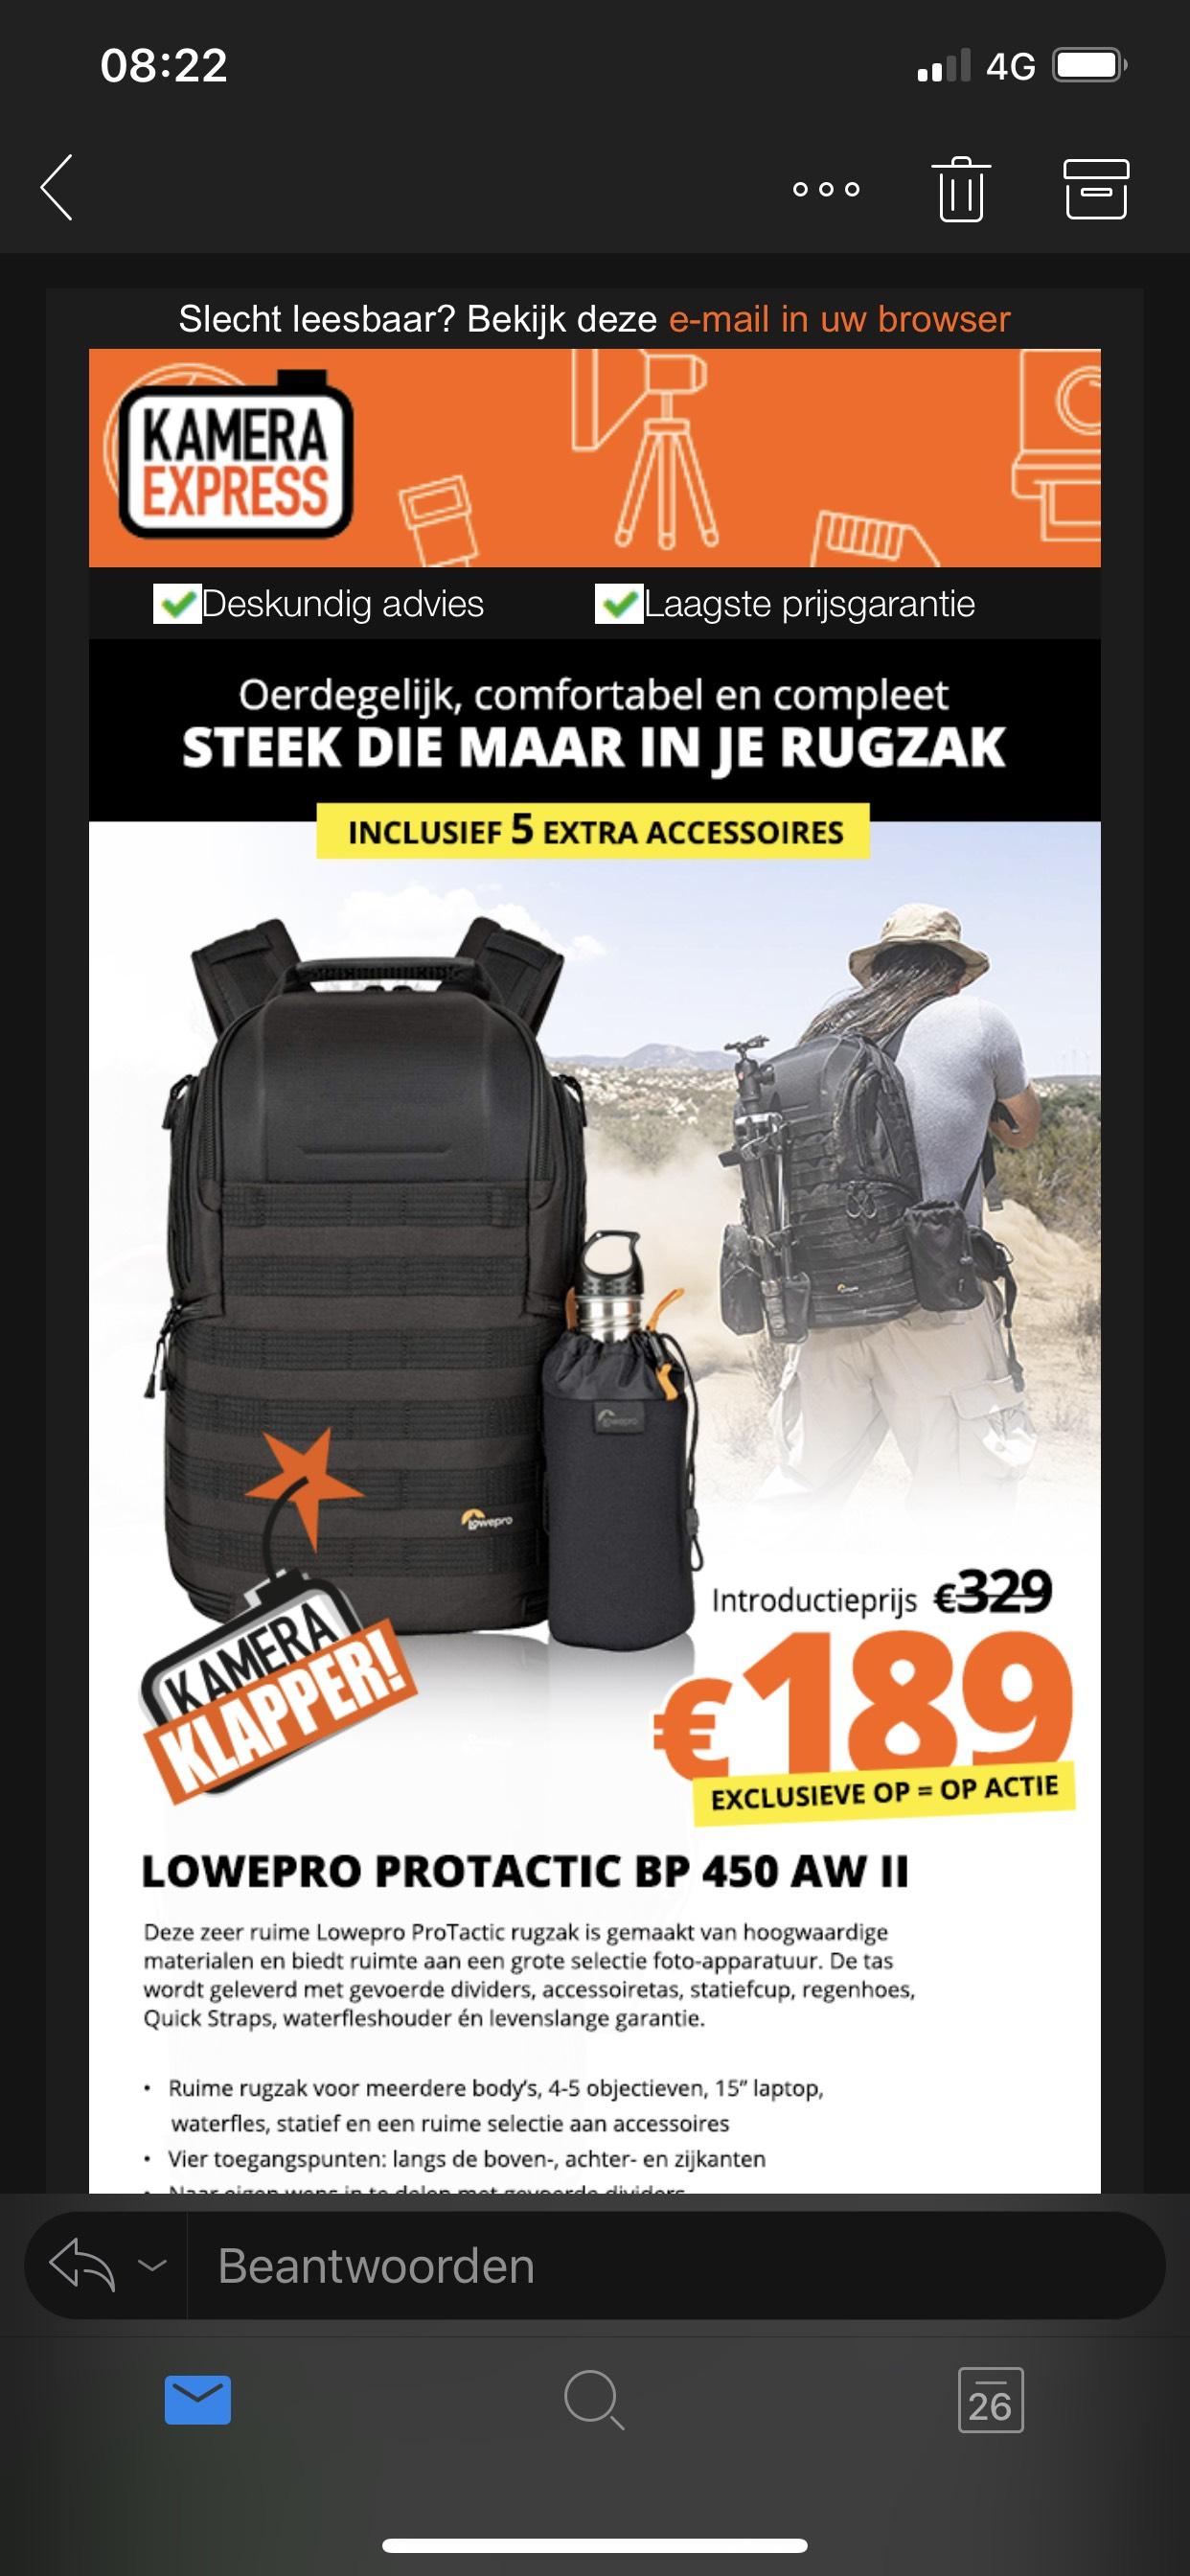 Lowepro Protactic 450 Aw II voor €189